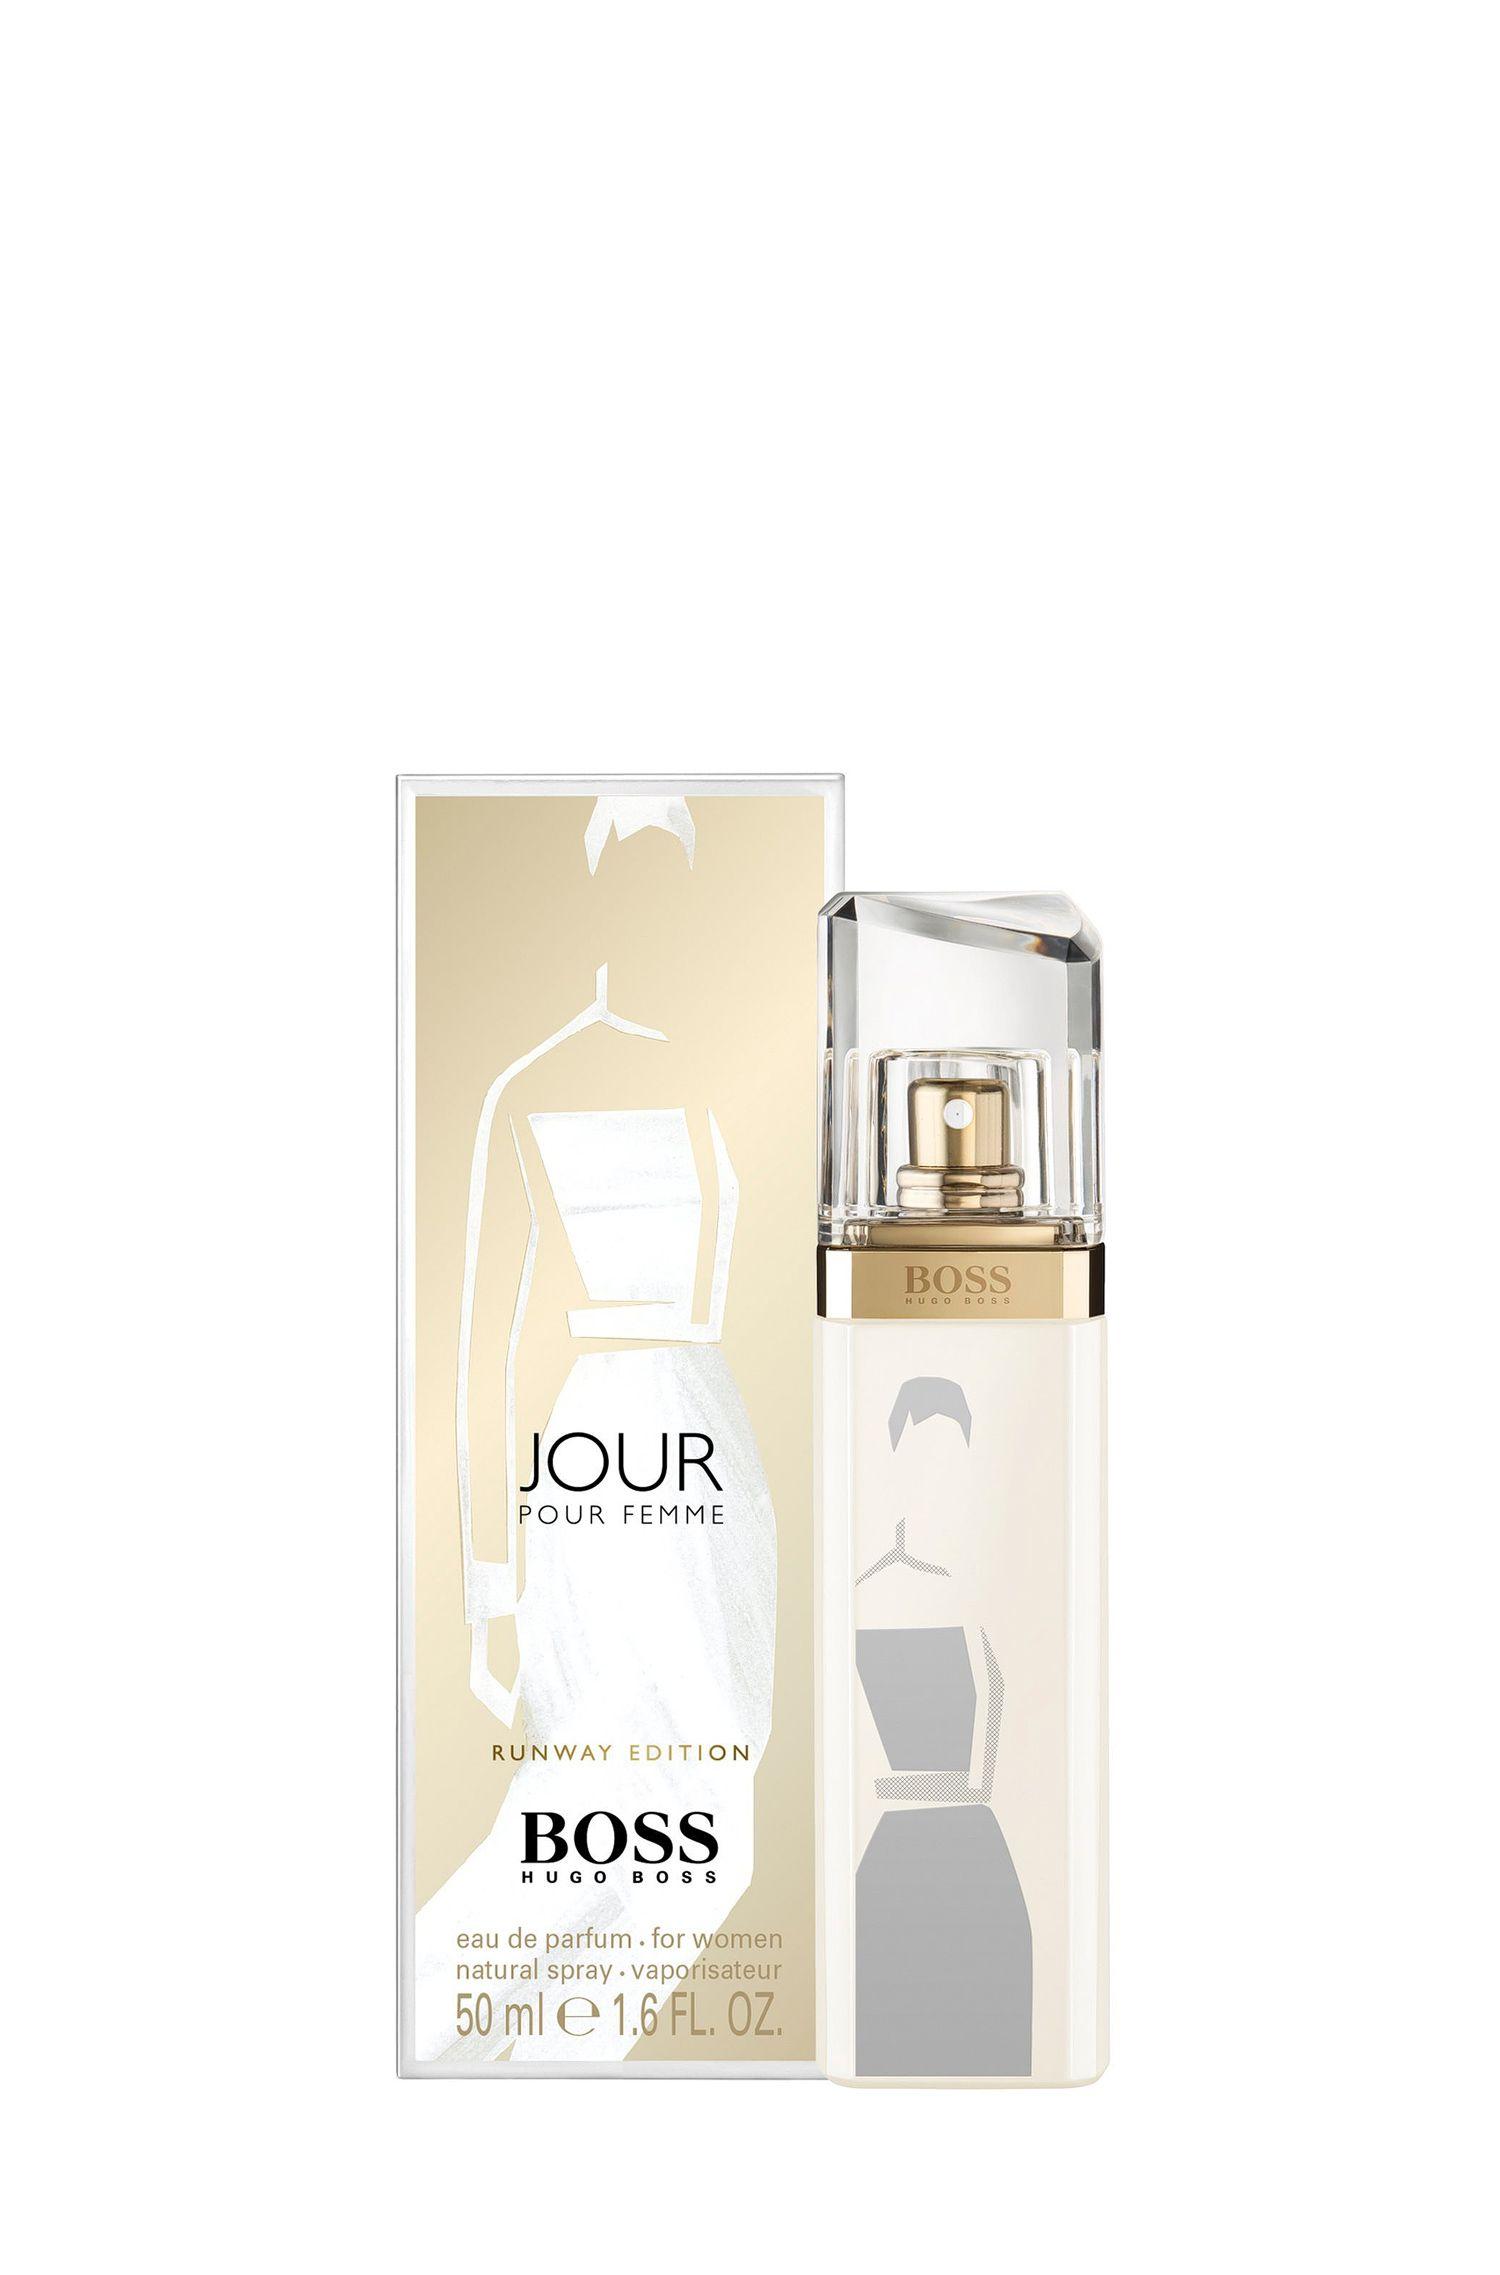 Eau de Parfum 'BOSS Jour Runway Edition' 50ml